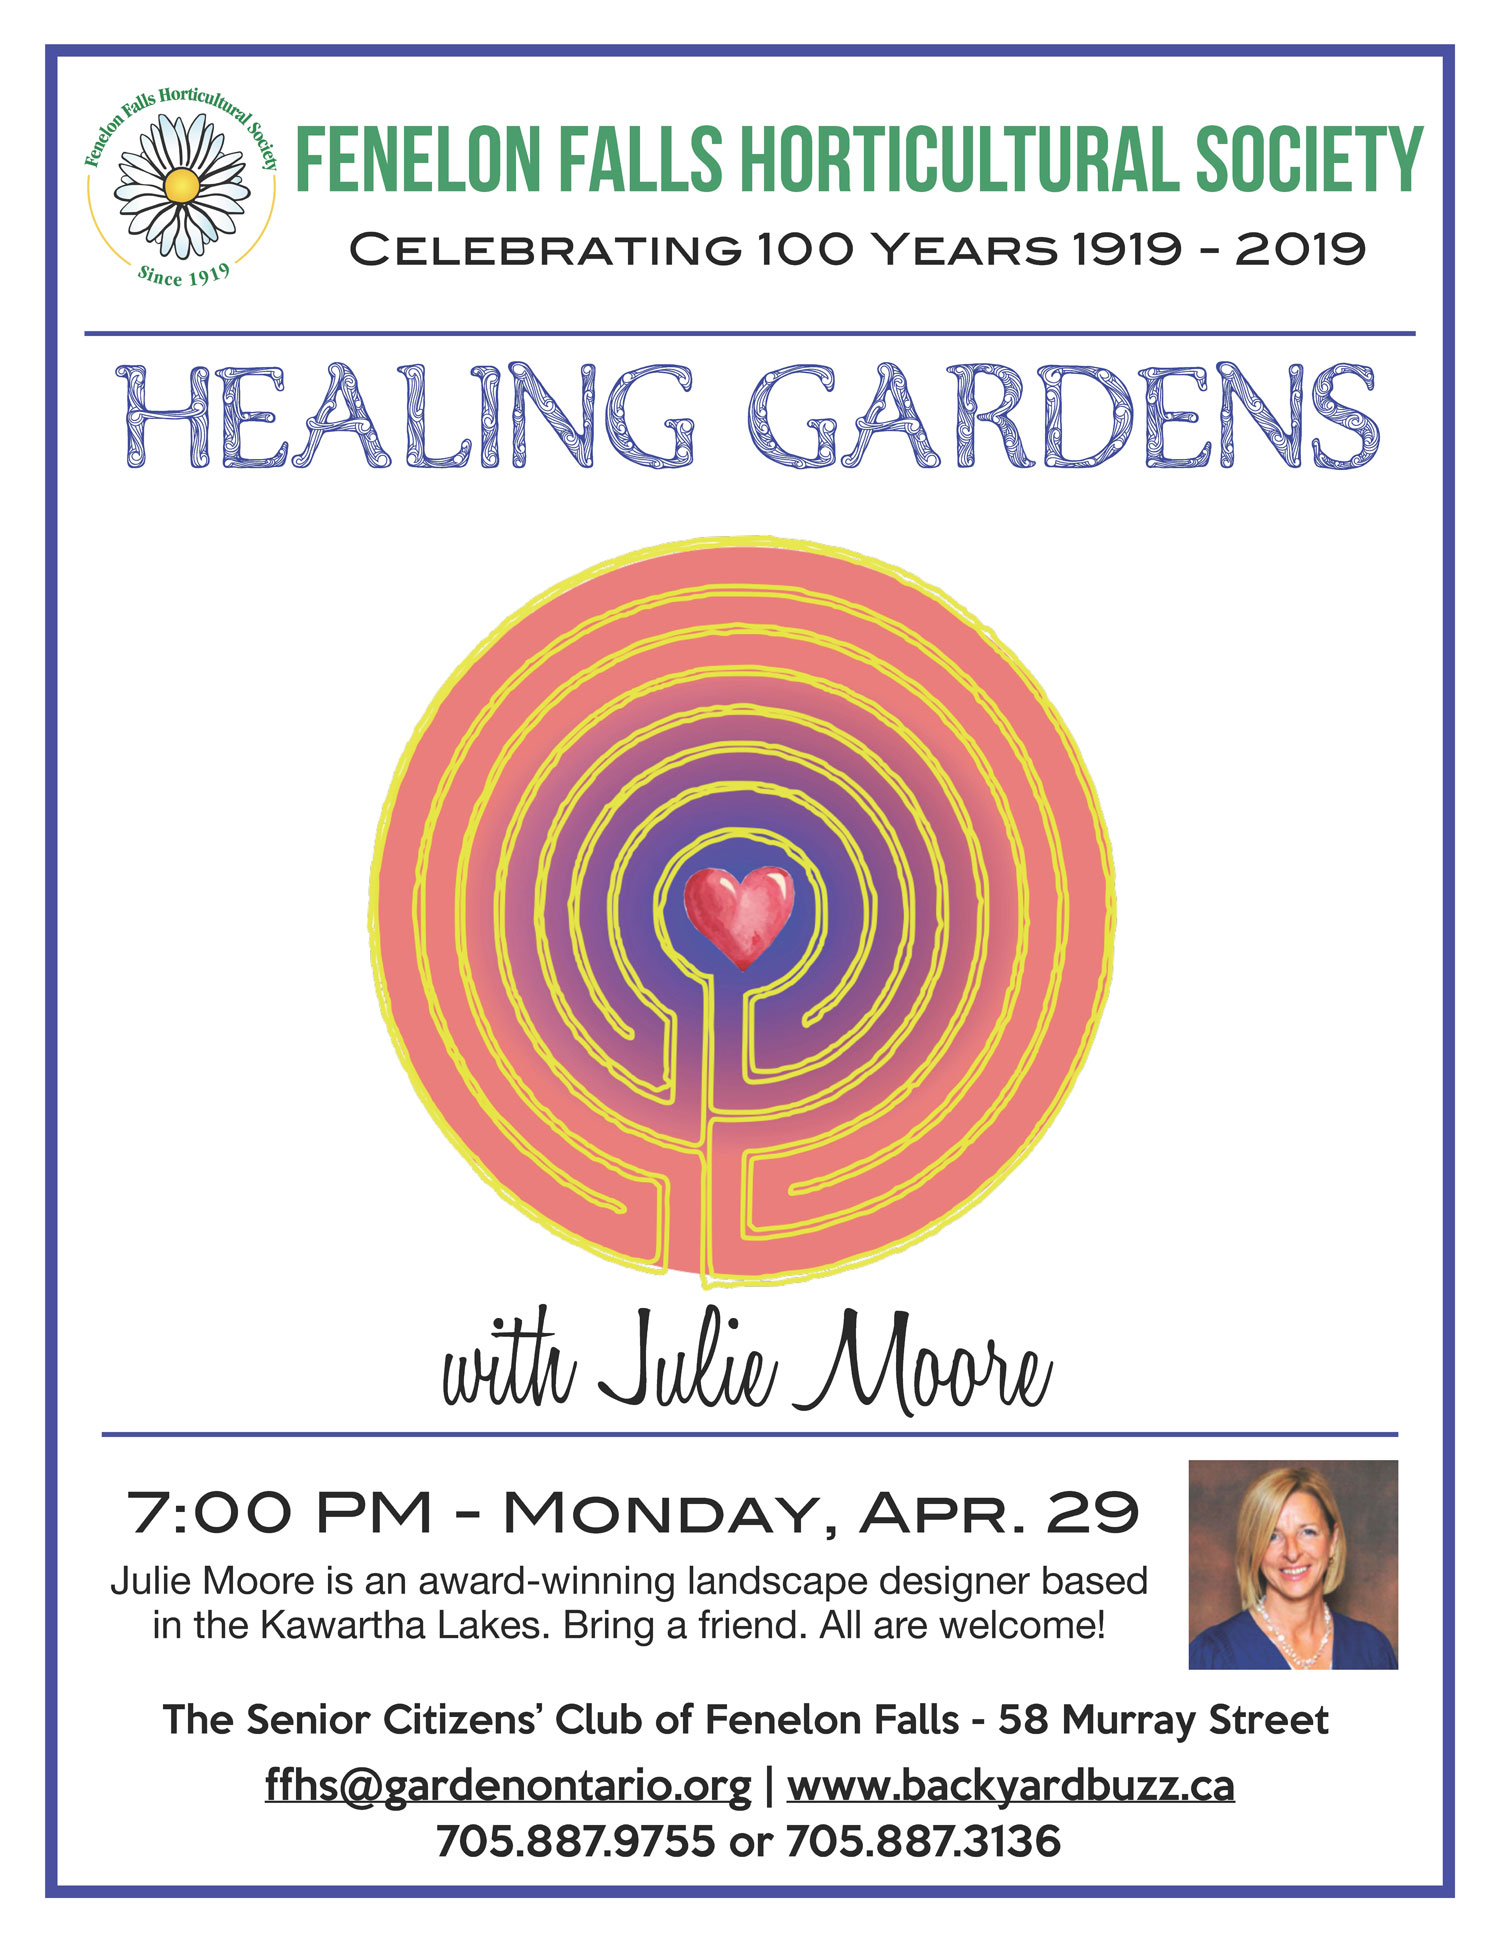 JulieMoore-Cantieni-HealingGardens